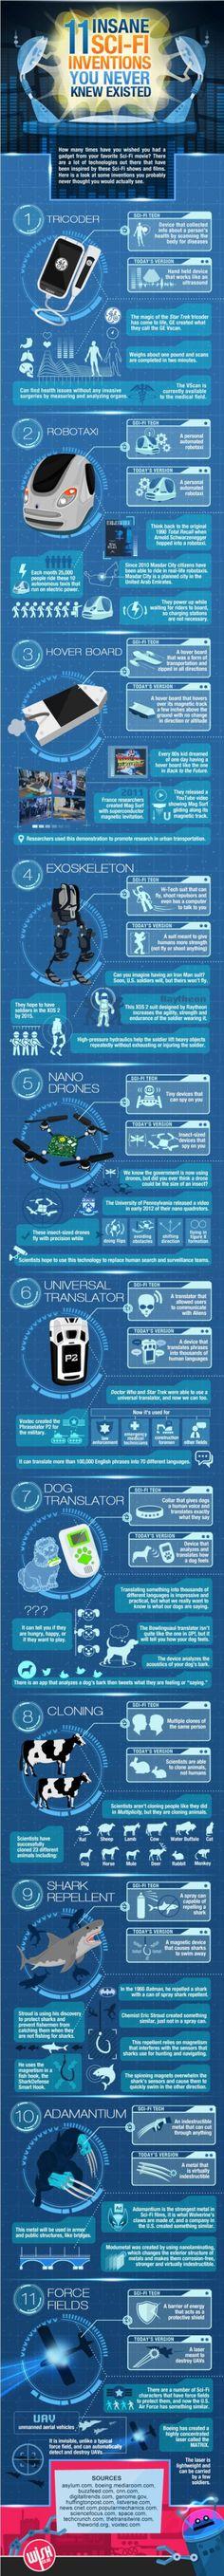 11 inventos de ciencia ficción hasta ahora desconocidos